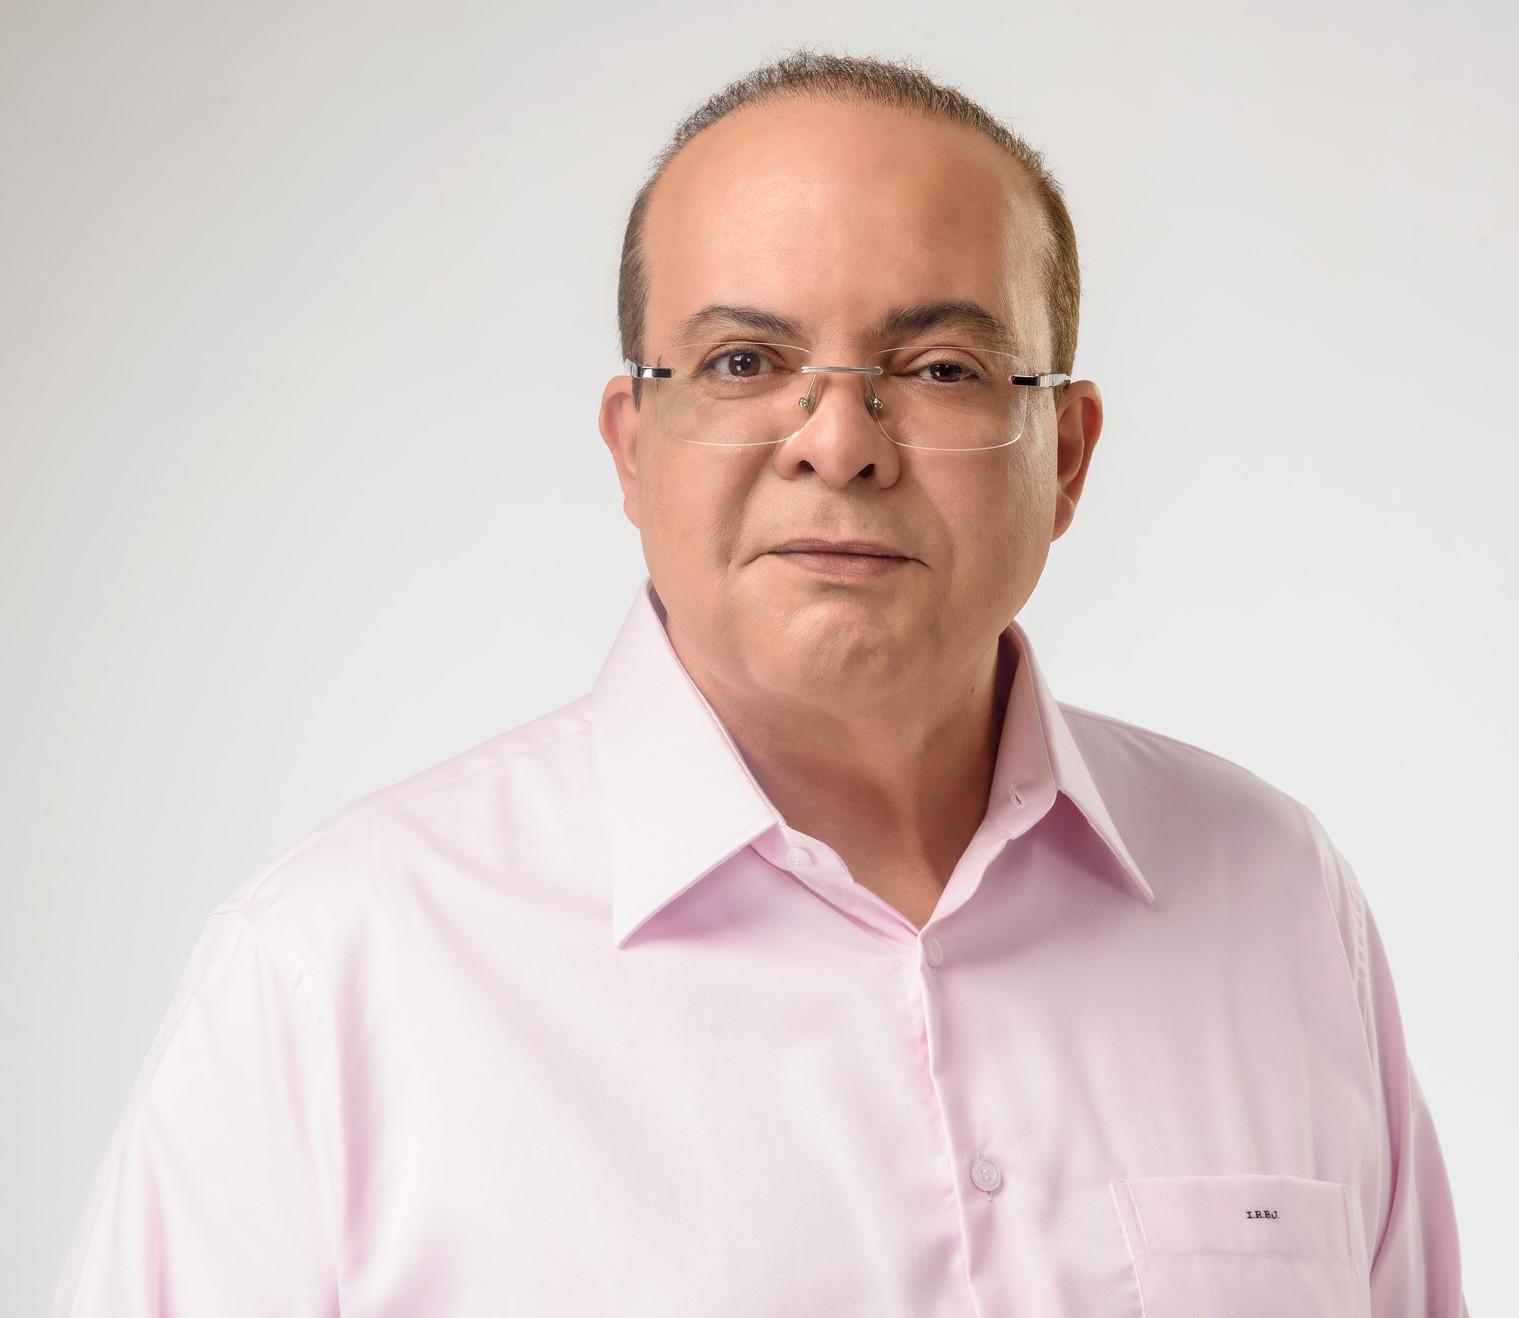 Ibaneis promete refazer, com verba dele, casas demolidas pela Agefis